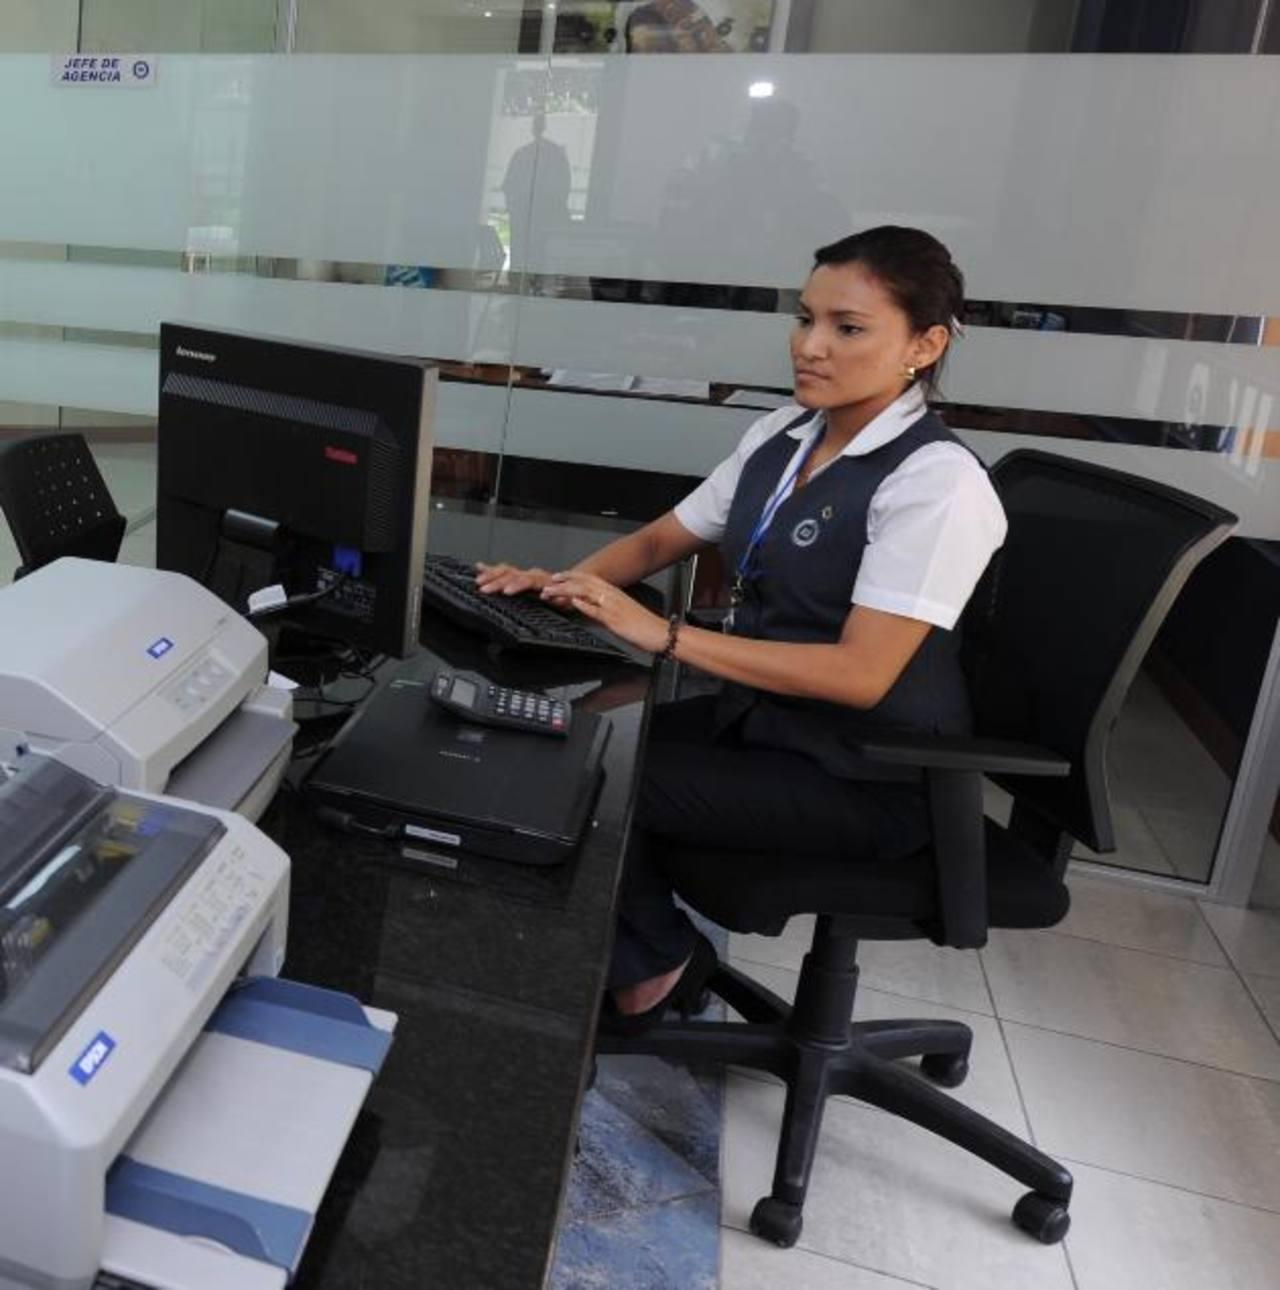 La entidad cuenta con 4,800 clientes, después de más de dos años de funcionamiento en el país. Foto EDH / archivo